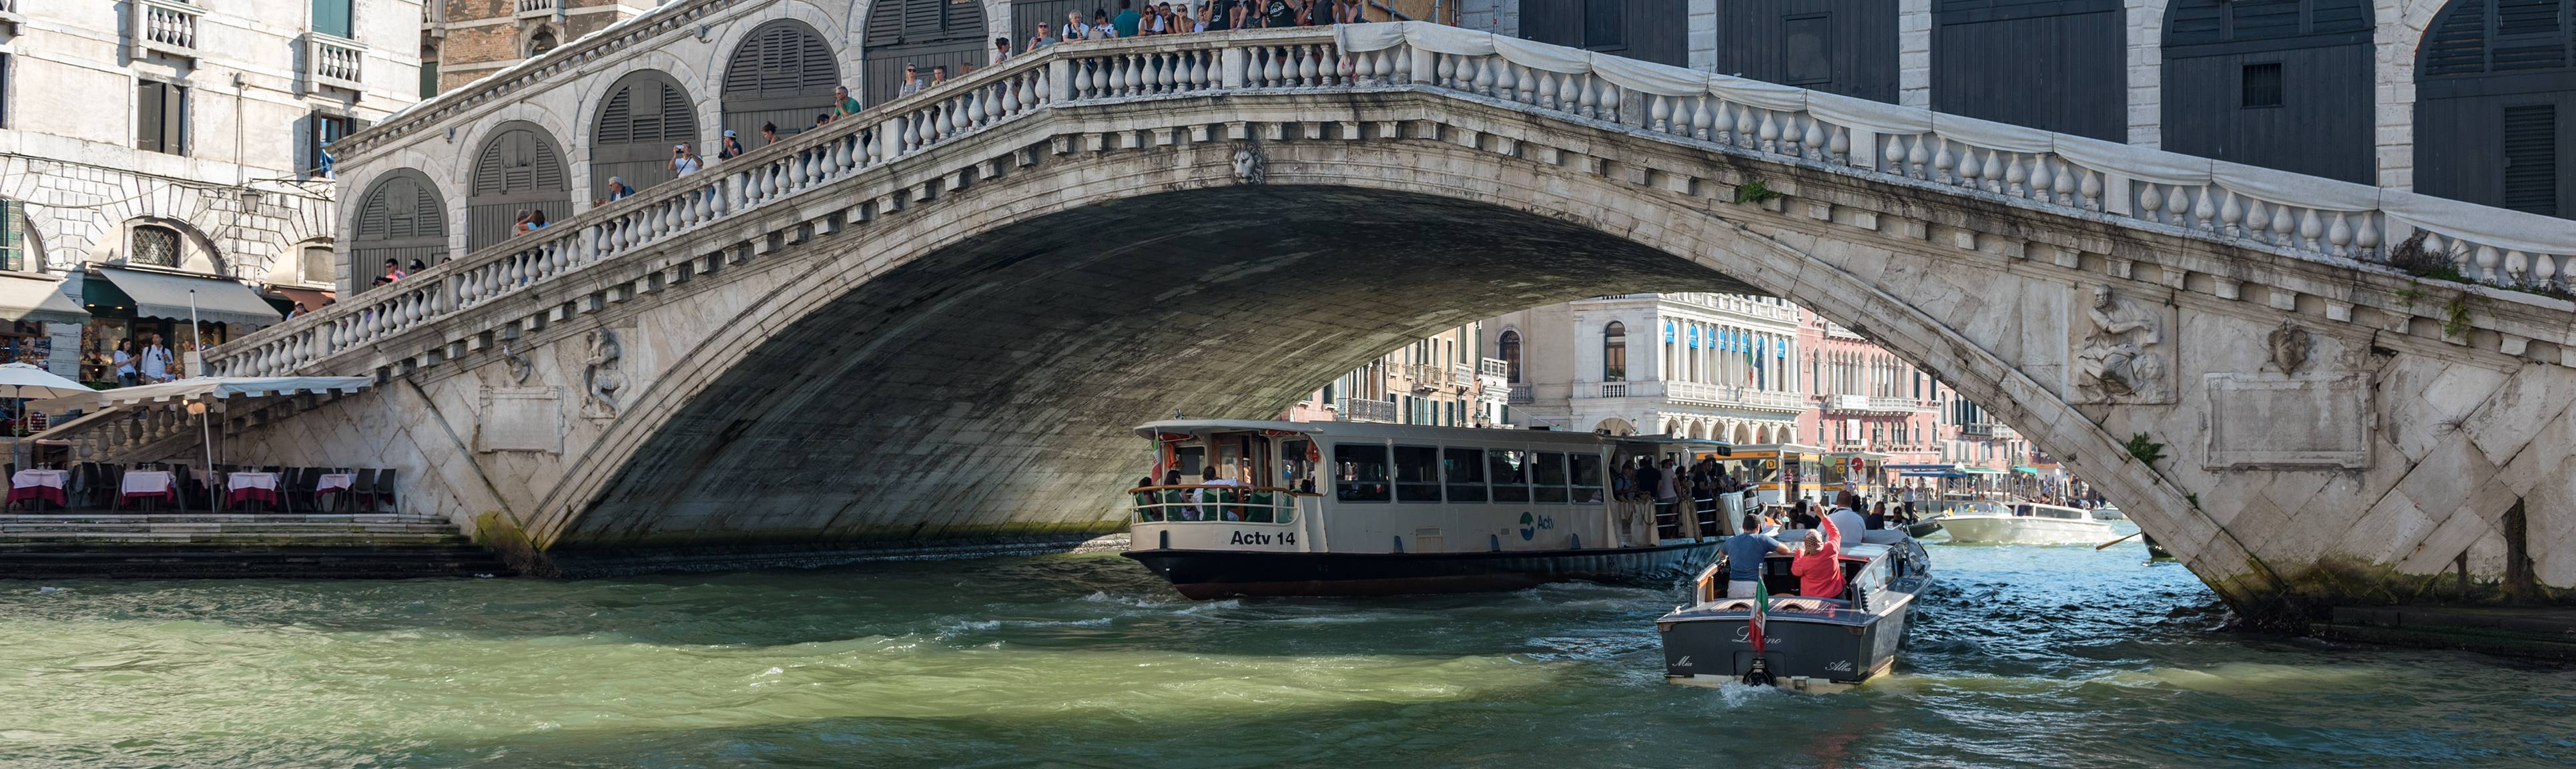 Water taxi crossing under the Rialto Bridge in Venice, Italy